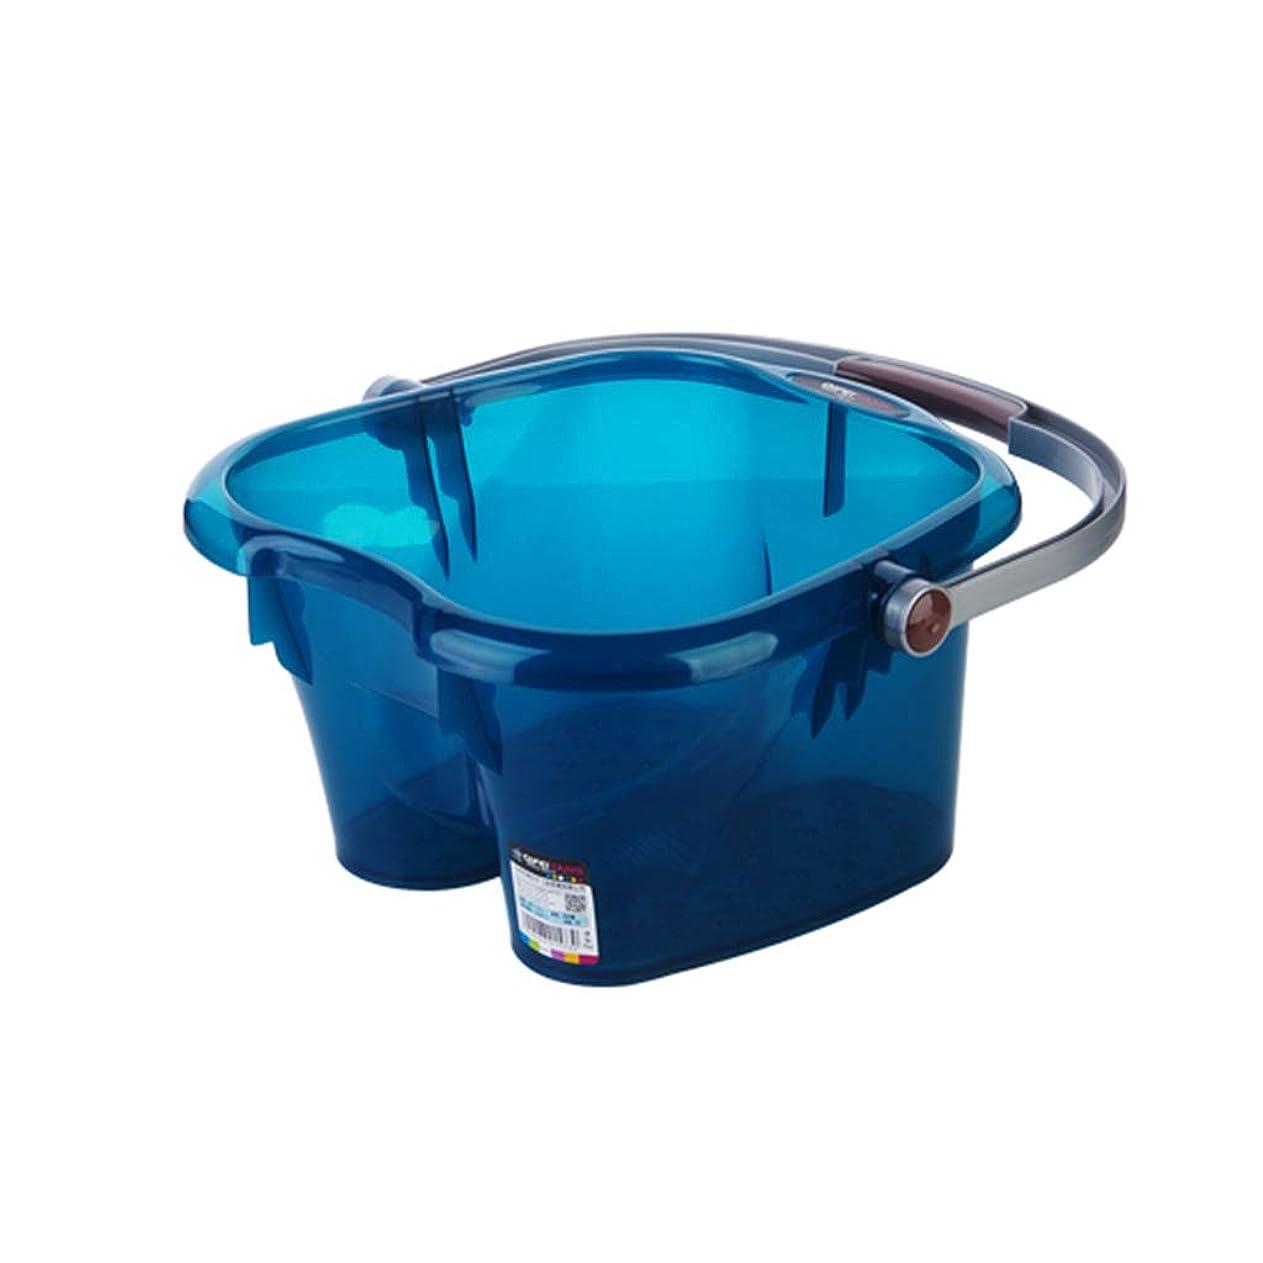 政治家気怠い栄光フットバスバレル- ポータブルプラスチックマッサージ浴槽ペディキュアデトックス足洗面台高さフットバスバレル世帯 Relax foot (色 : 青, サイズ さいず : 20cm high)